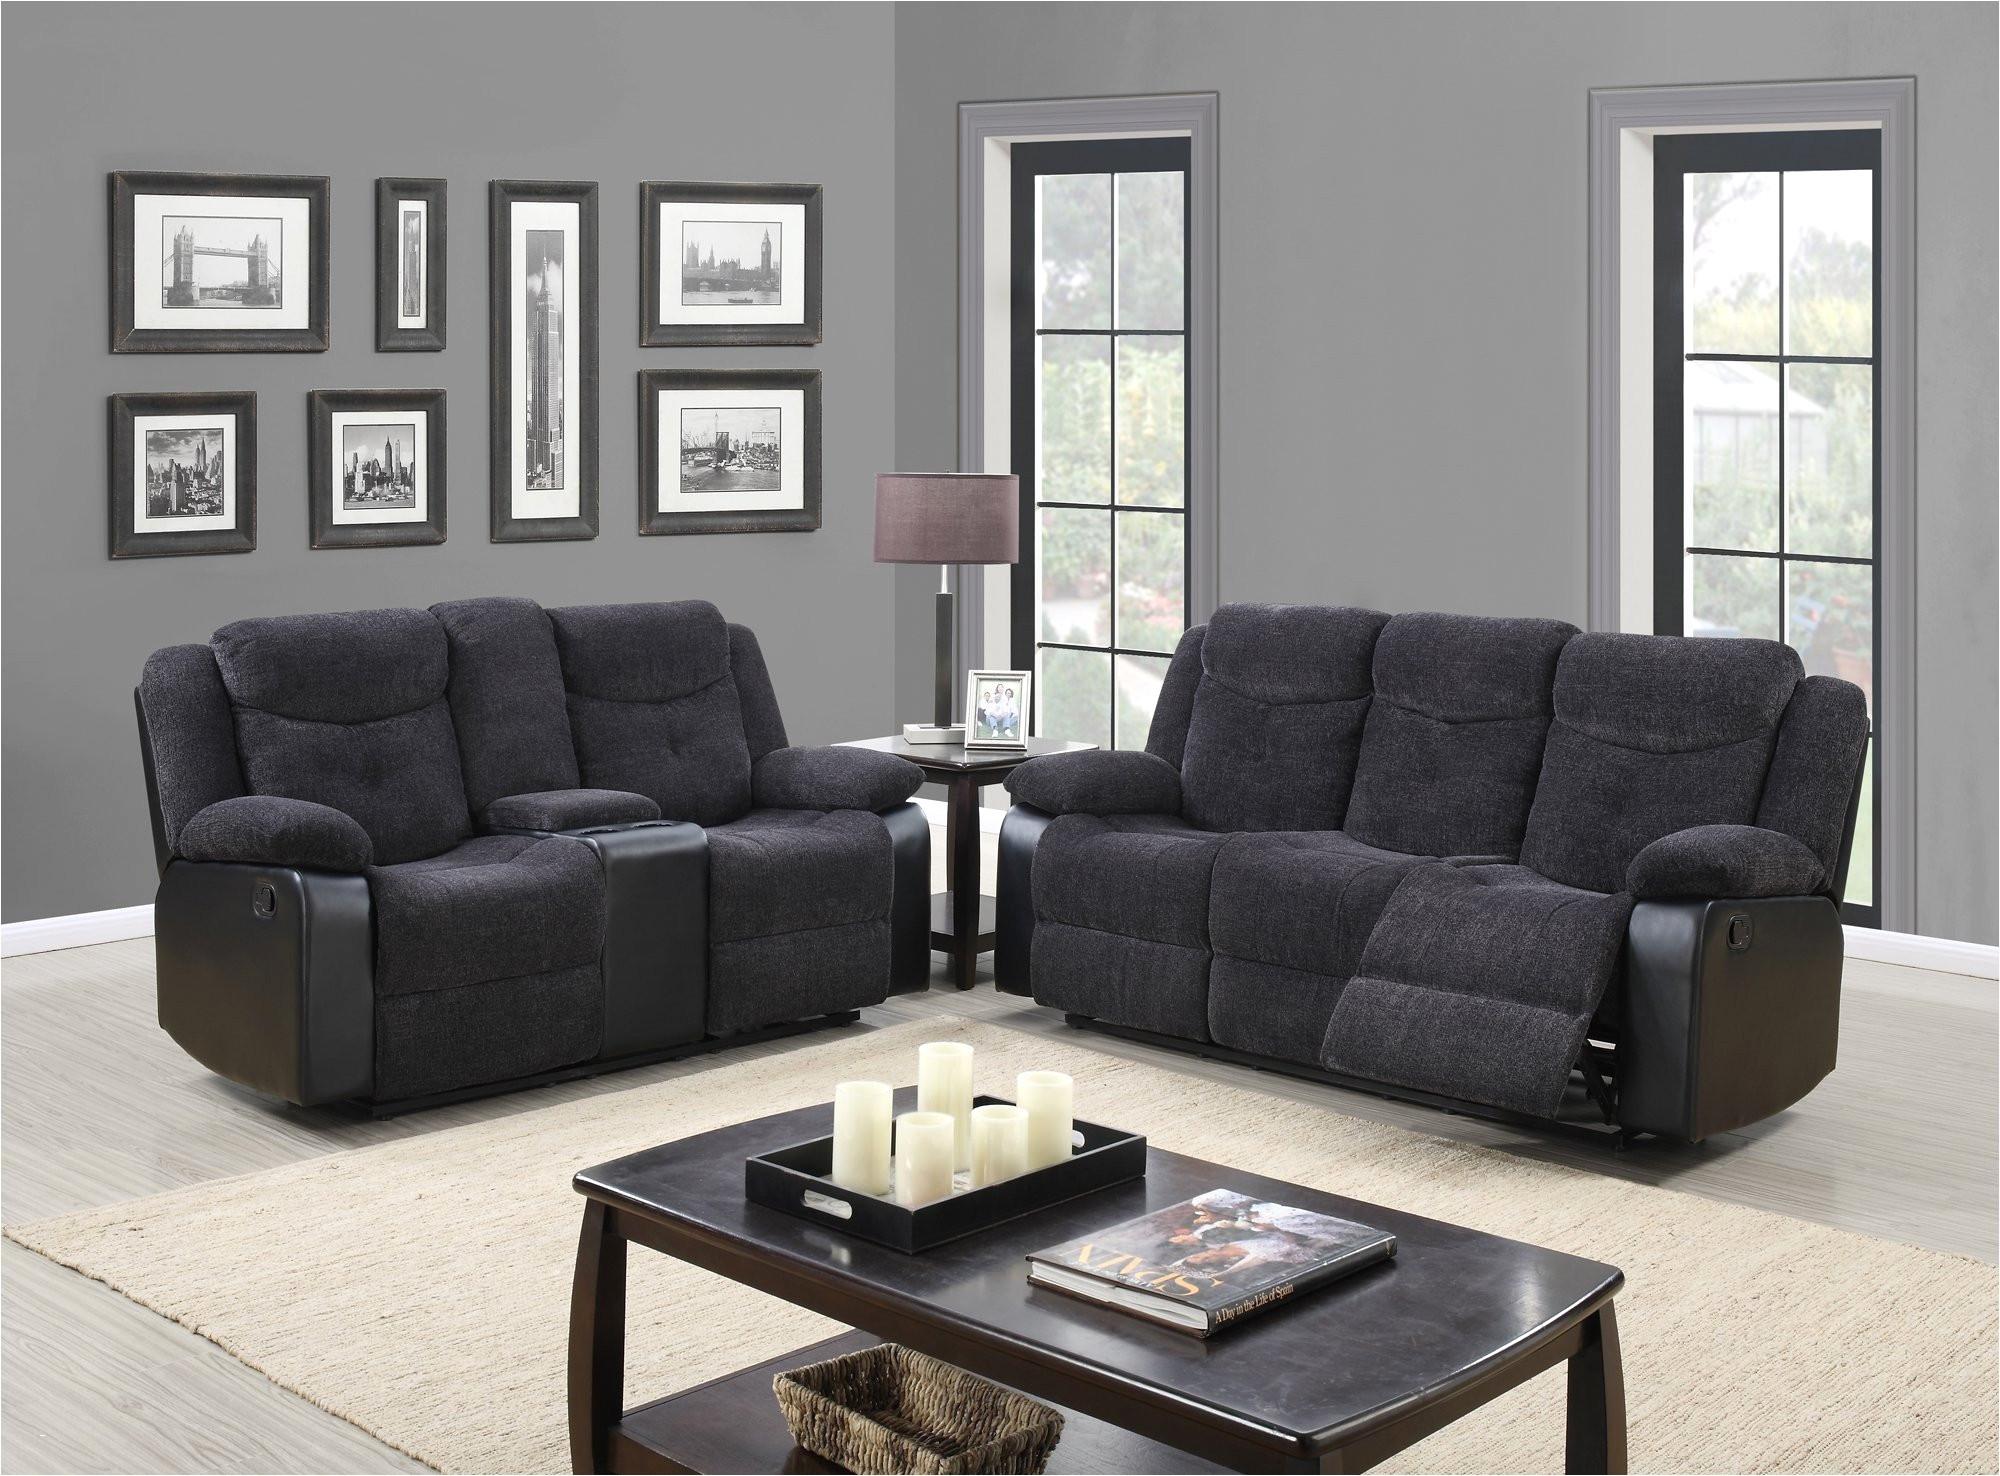 0d 2 recliner sofa elegant 27 great sectional sofa recliner sofa ideas